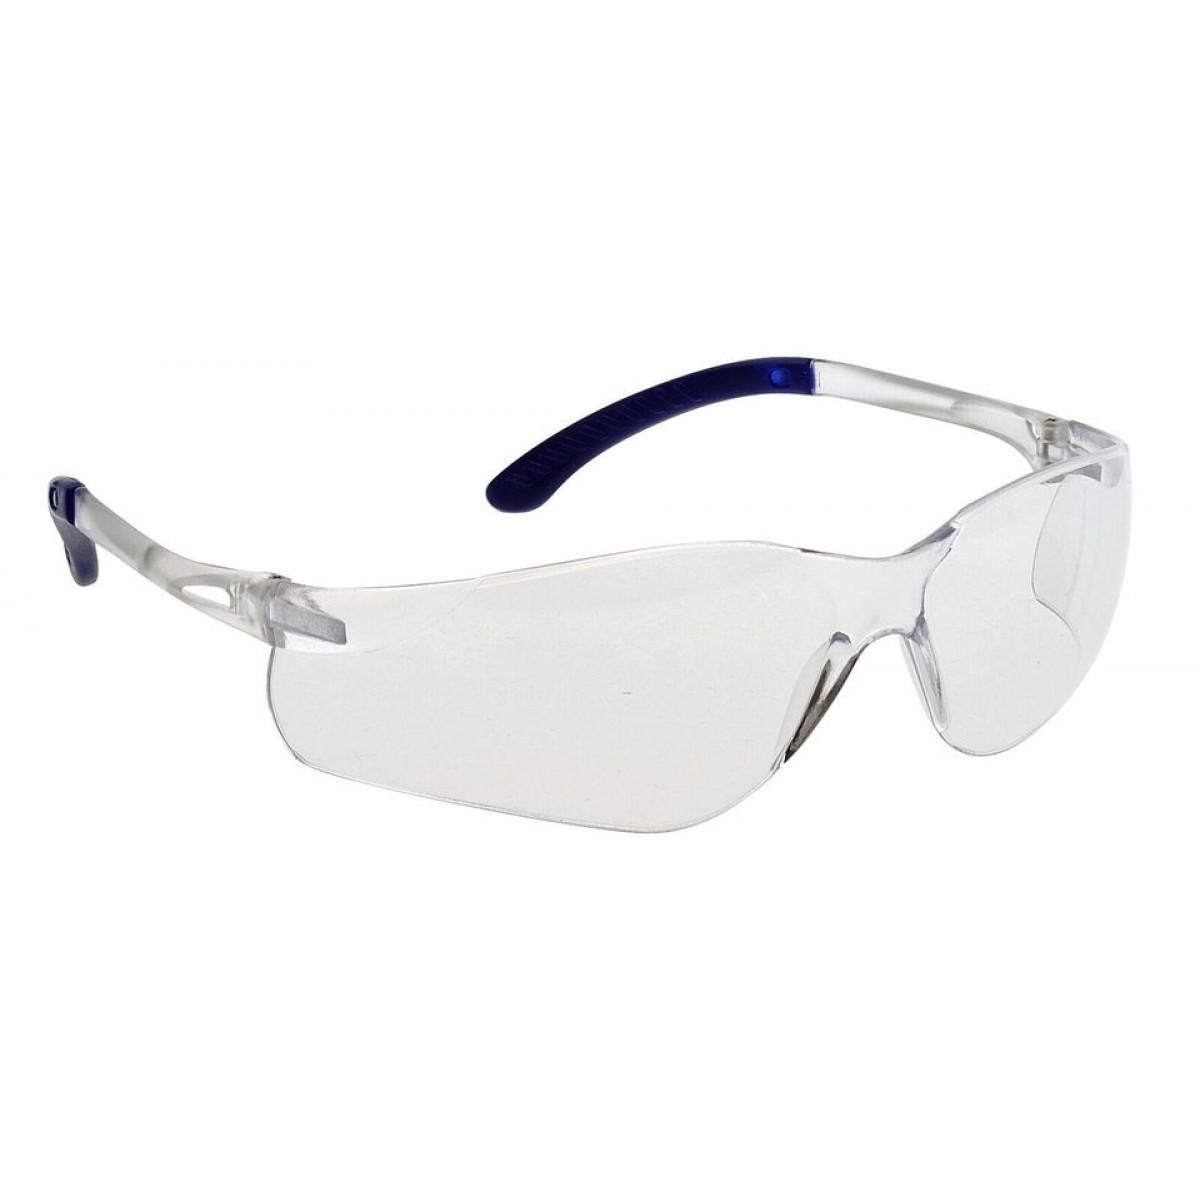 Beskyttelsesbrille Portwest PW38 dugfri-31